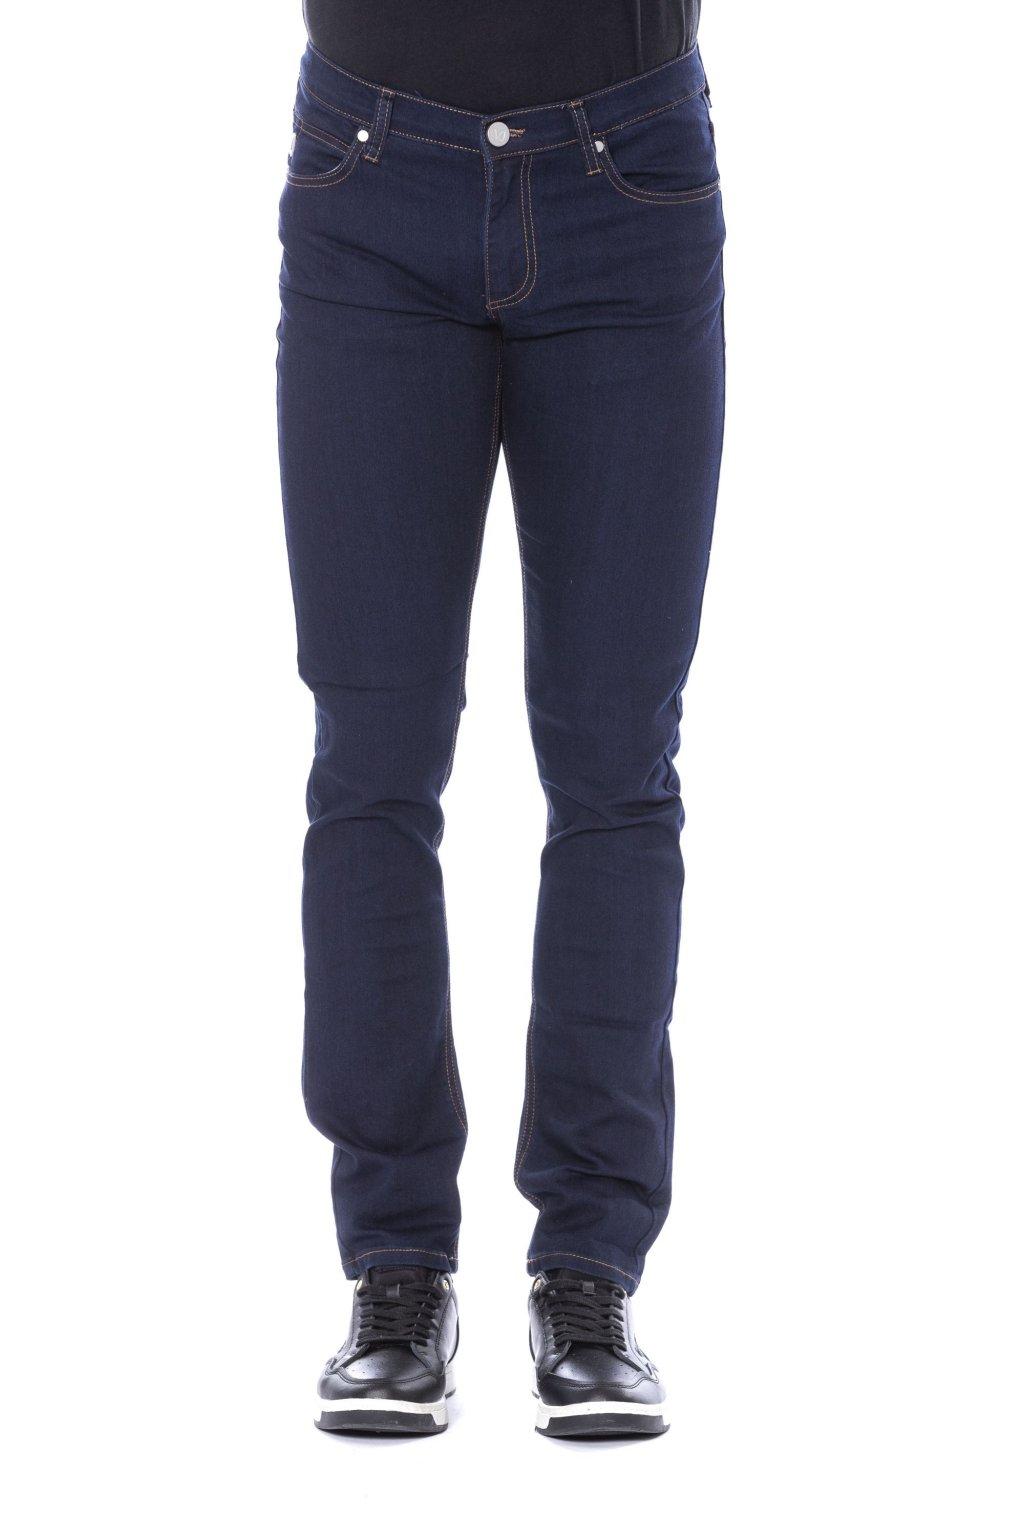 panske luxusni rifle versace jeans tmave modre (1)